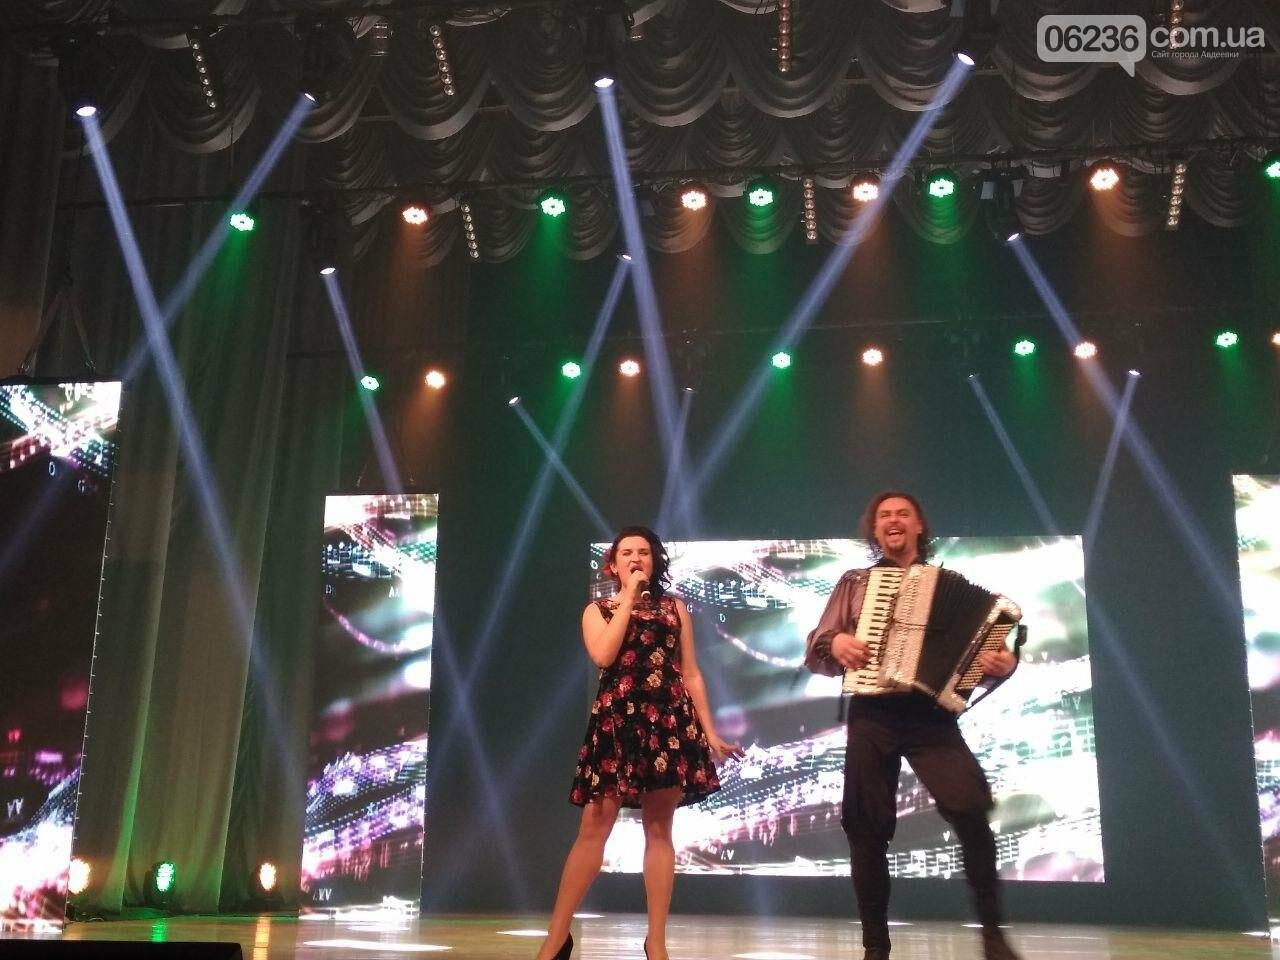 «АКХЗ - 55»: В Авдеевке определили победителей вокального шоу «Высоко» (ФОТО), фото-8